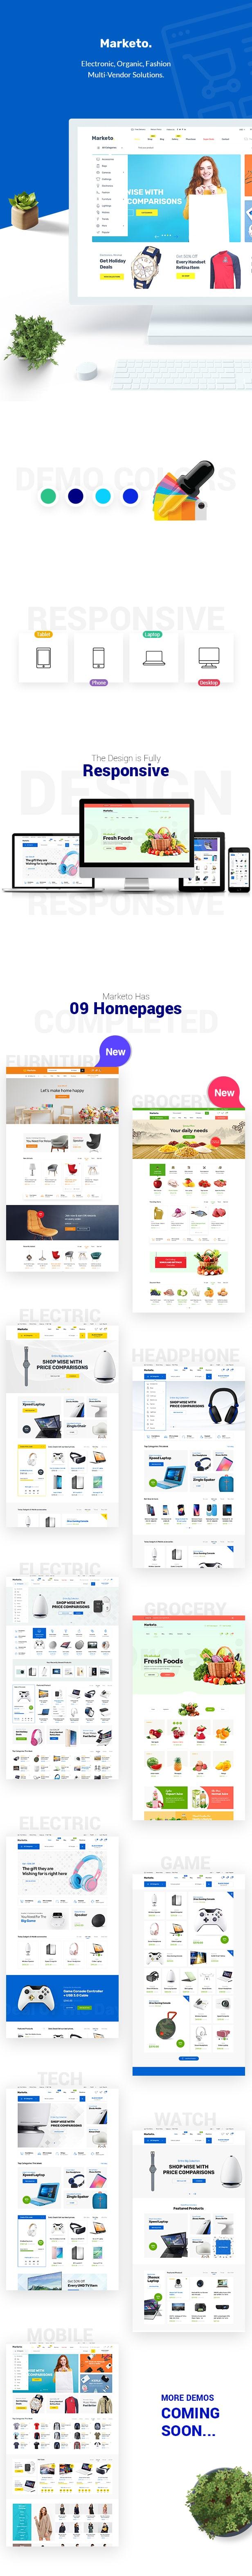 قالب Marketo | پوسته وردپرس فروشگاهی و چندفروشندگی مارکتو